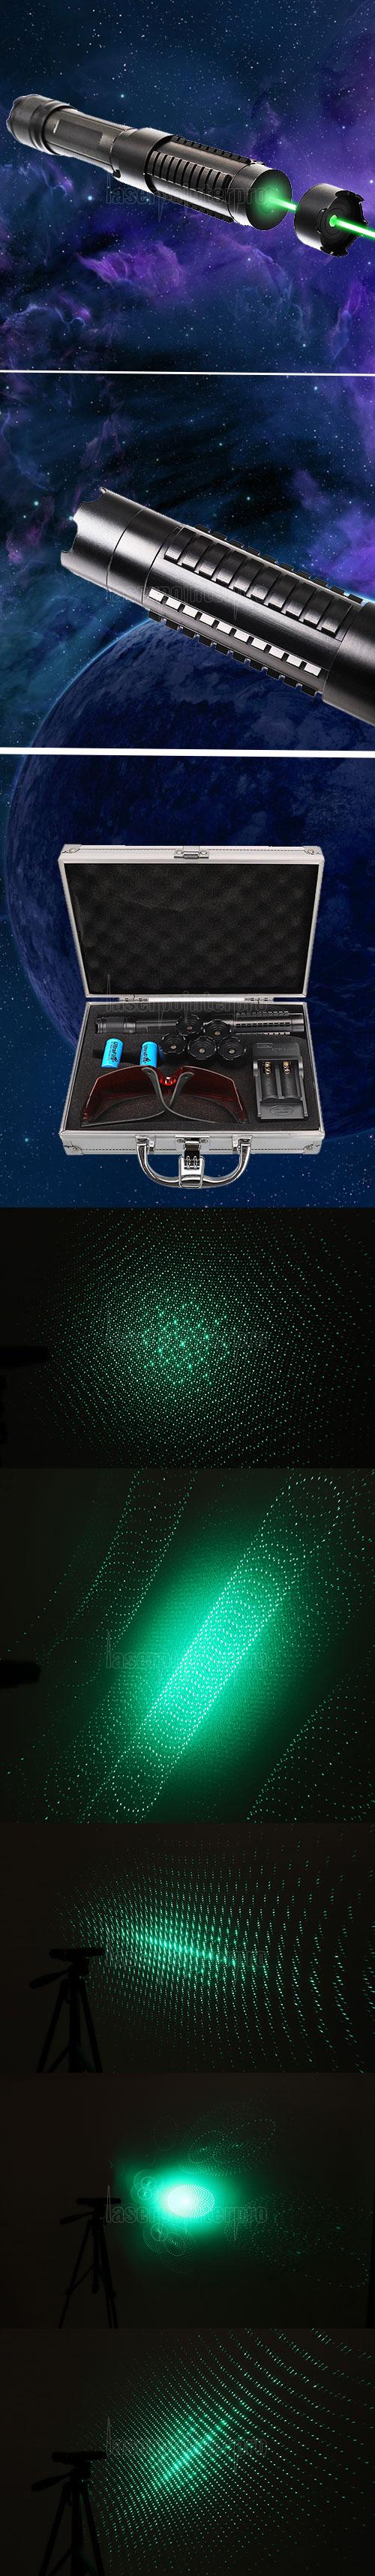 10000mw 520nm Brennende grüne Hochleistungs-Laserpointer-Kits